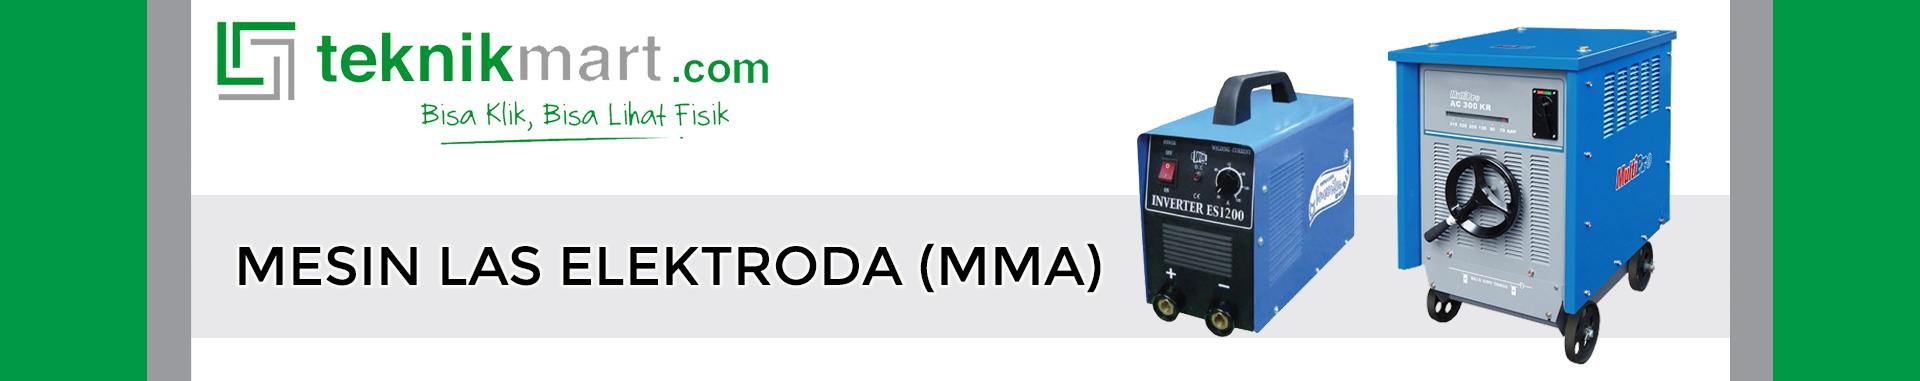 Mesin Las Elektroda (MMA)